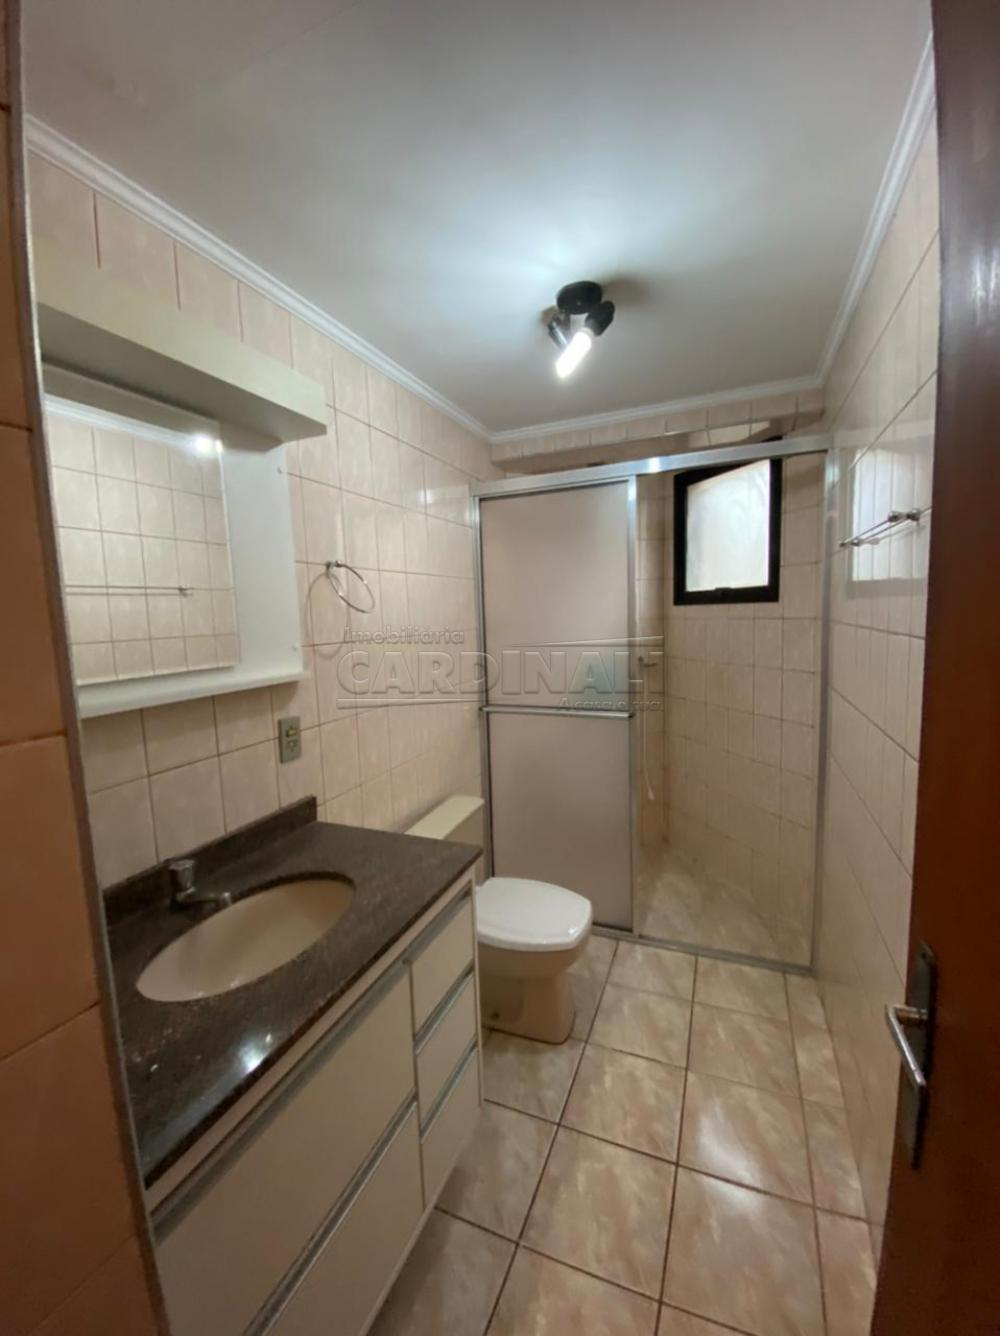 Alugar Apartamento / Padrão em São Carlos R$ 1.112,00 - Foto 4